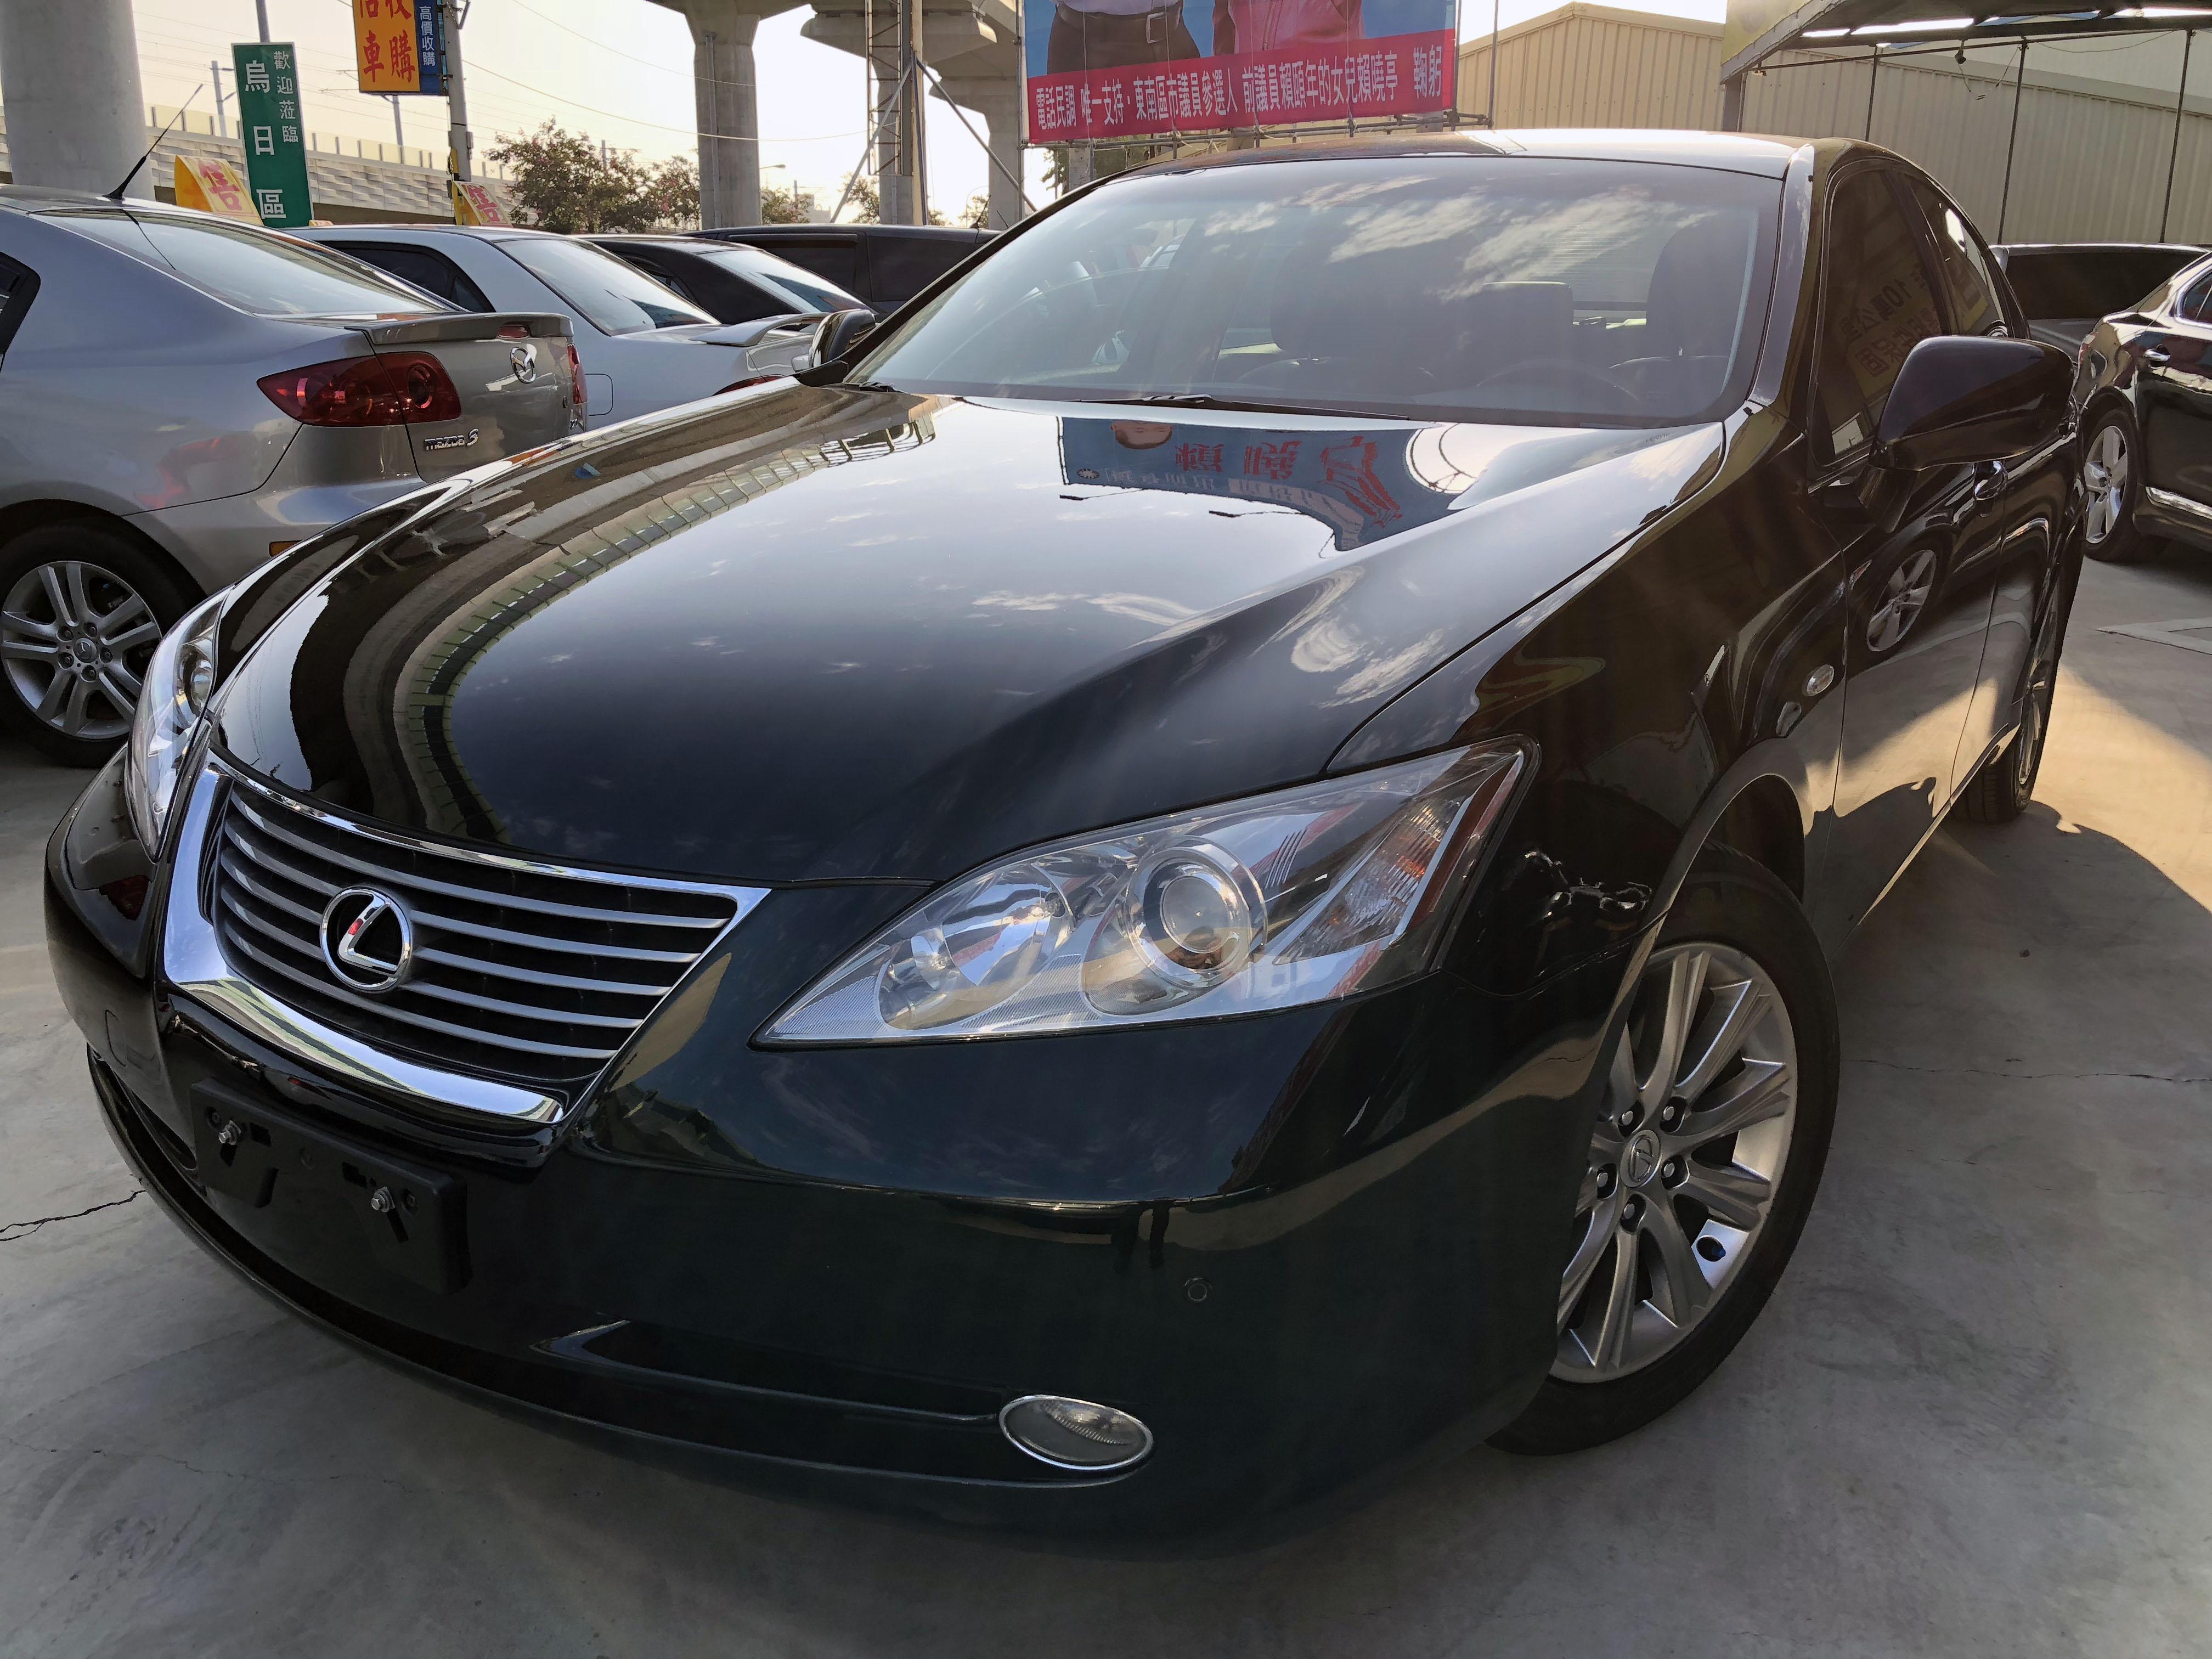 2010 Lexus 凌志 Es